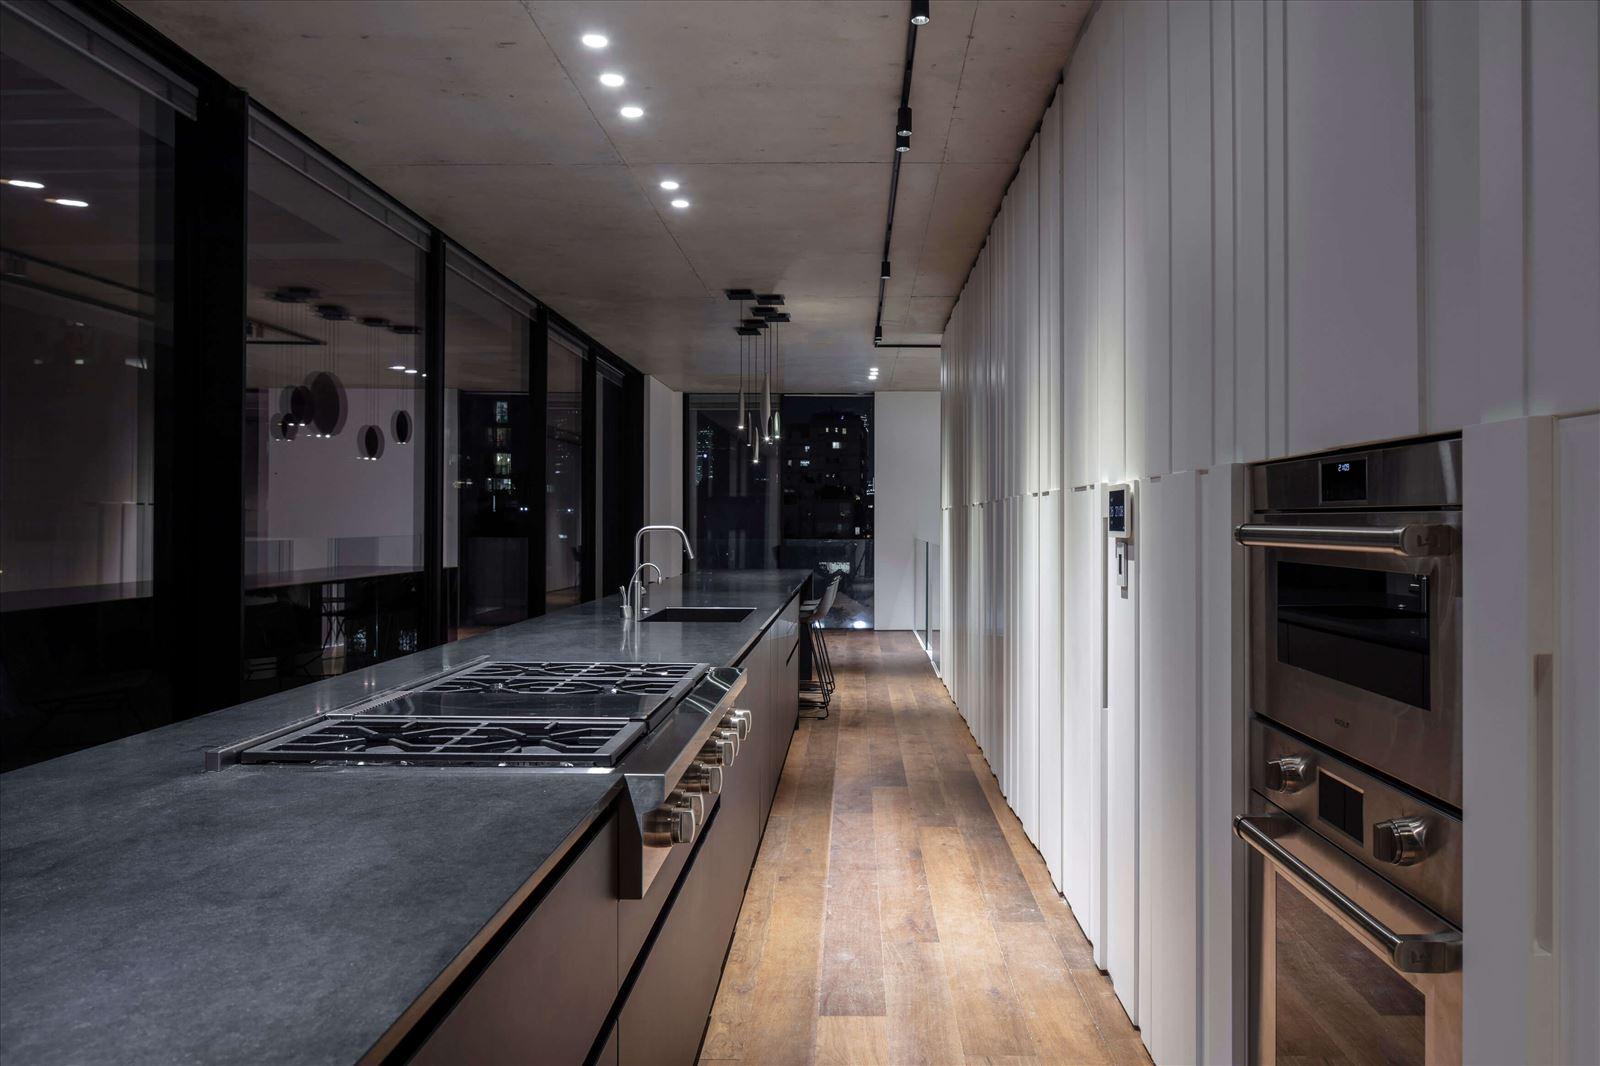 תאורת תקנה במטבח מבית קמחי תאורה